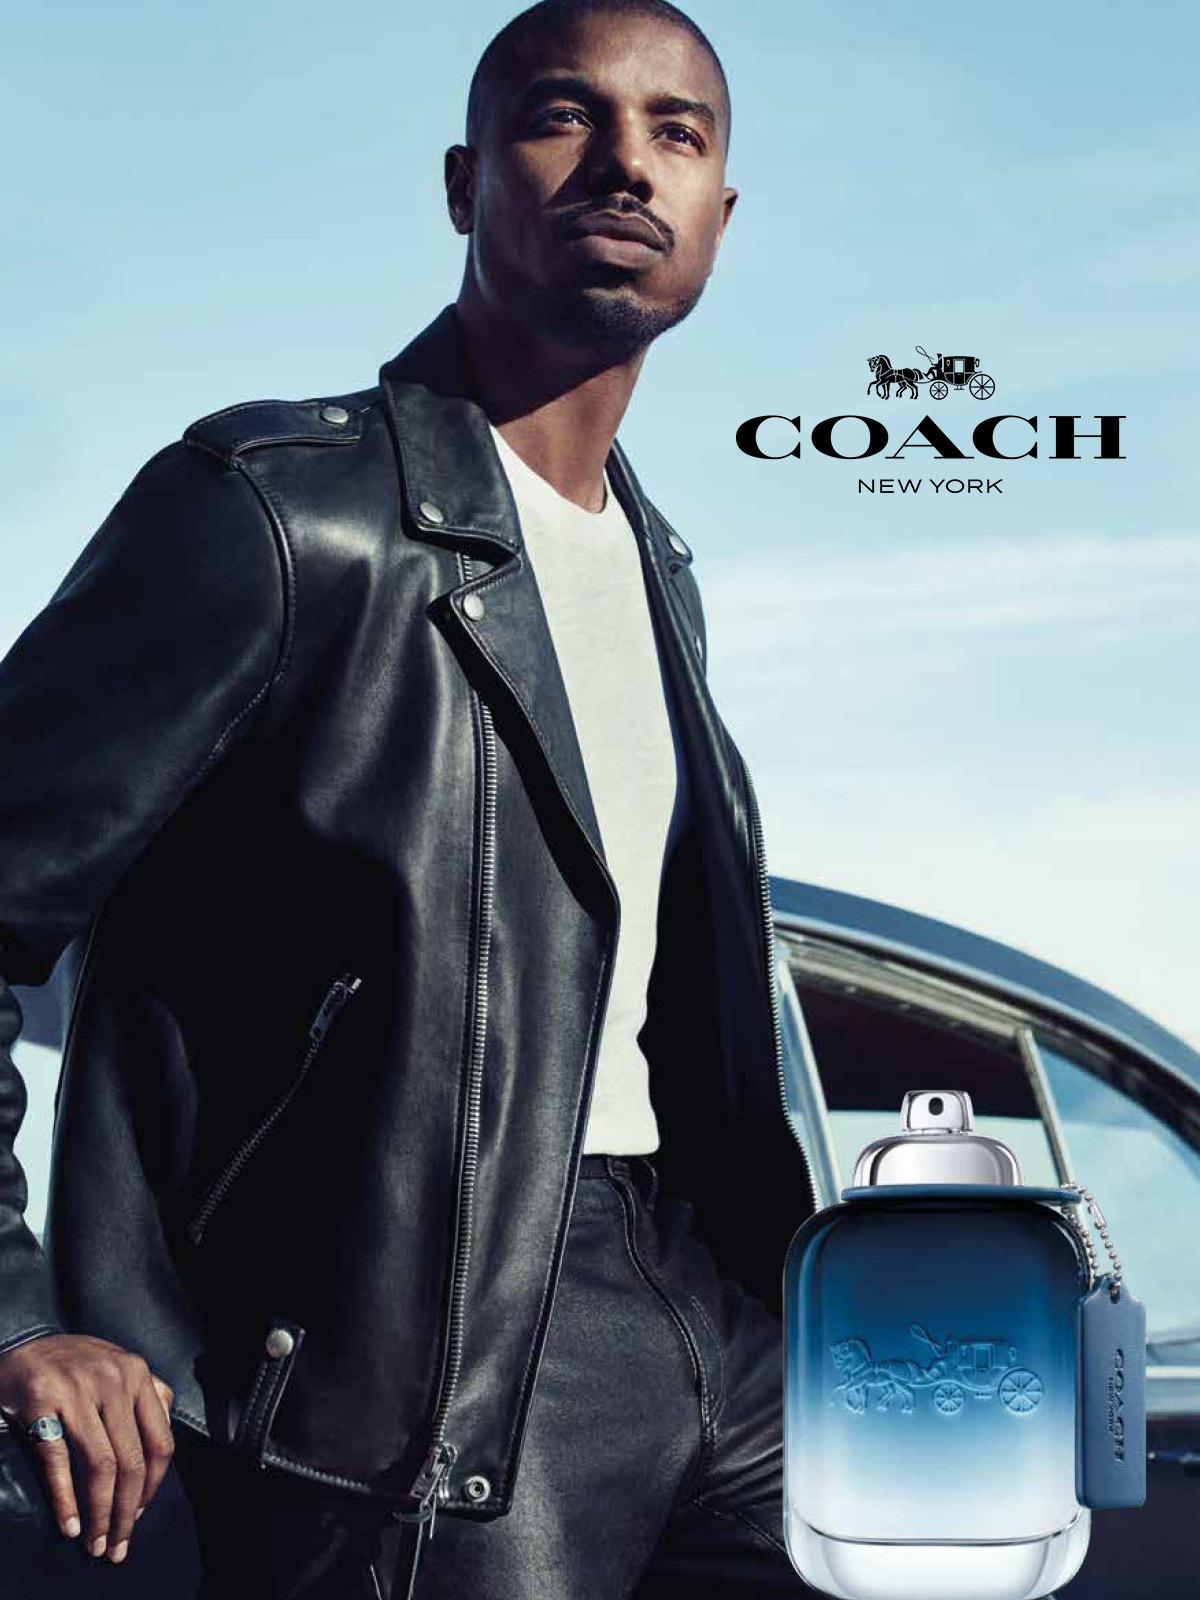 Ein Bild des Coach Parfume Visuals